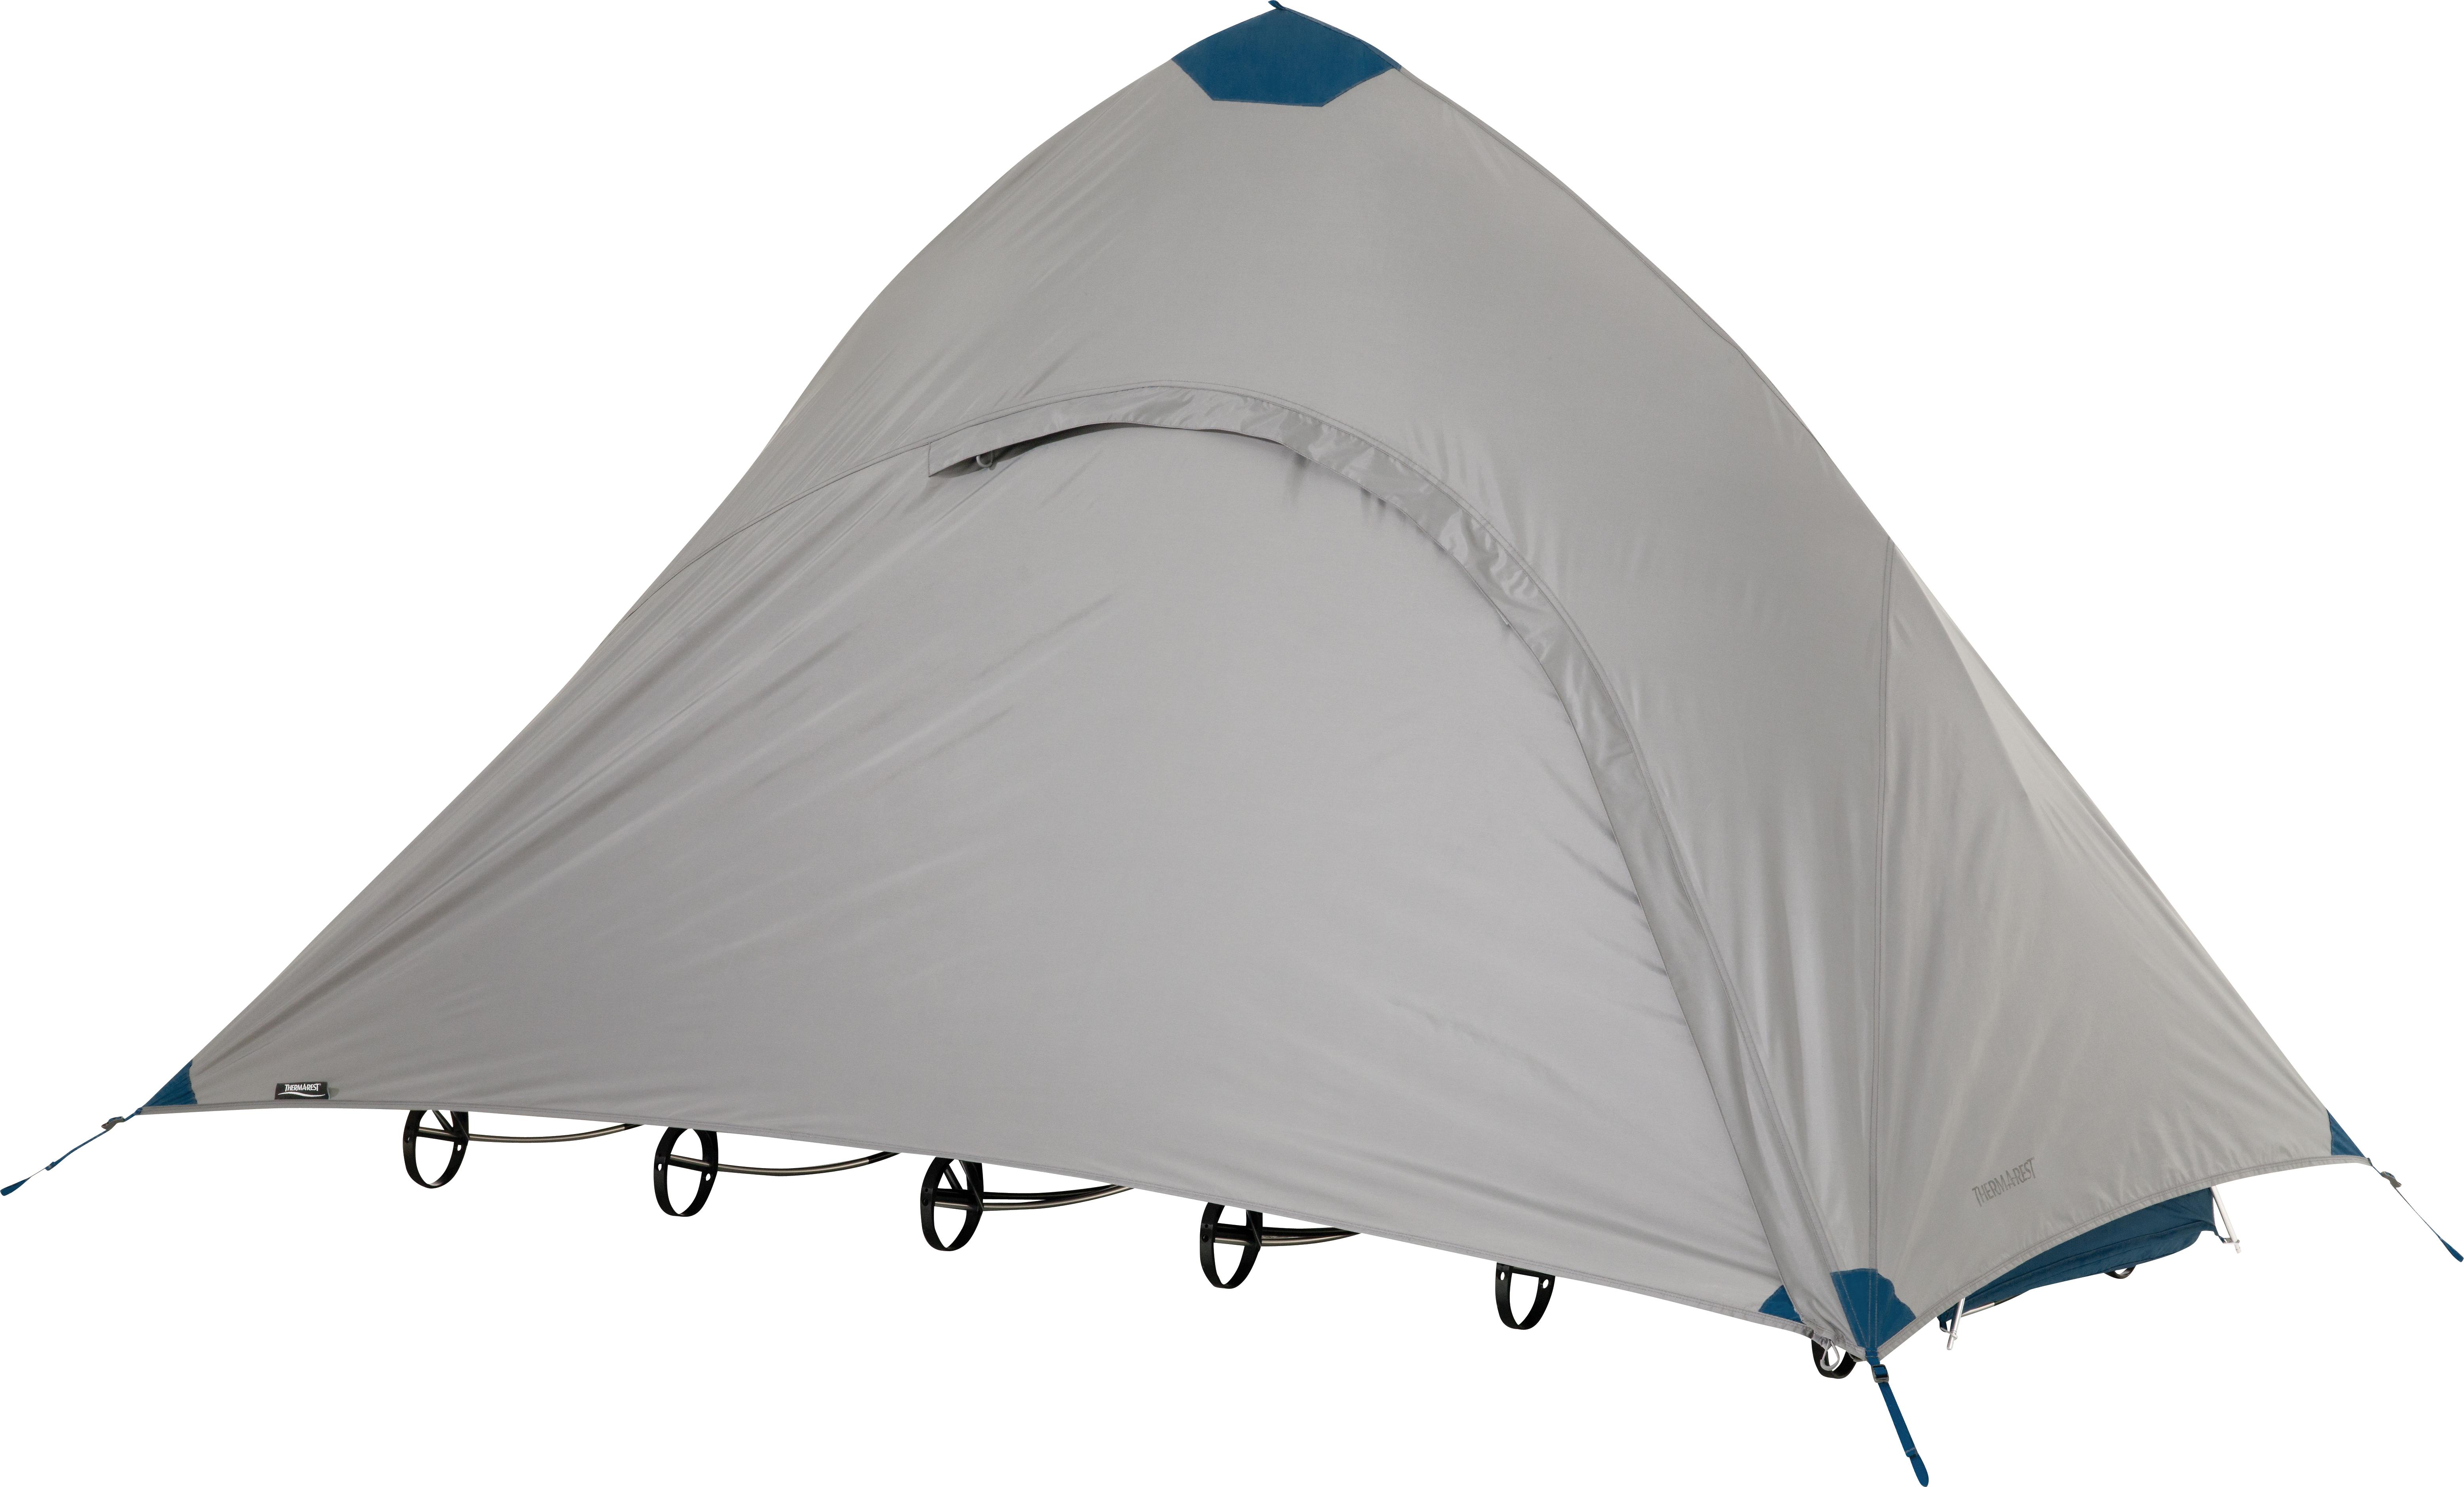 sc 1 st  MEC & Therm-a-Rest Cot Tent